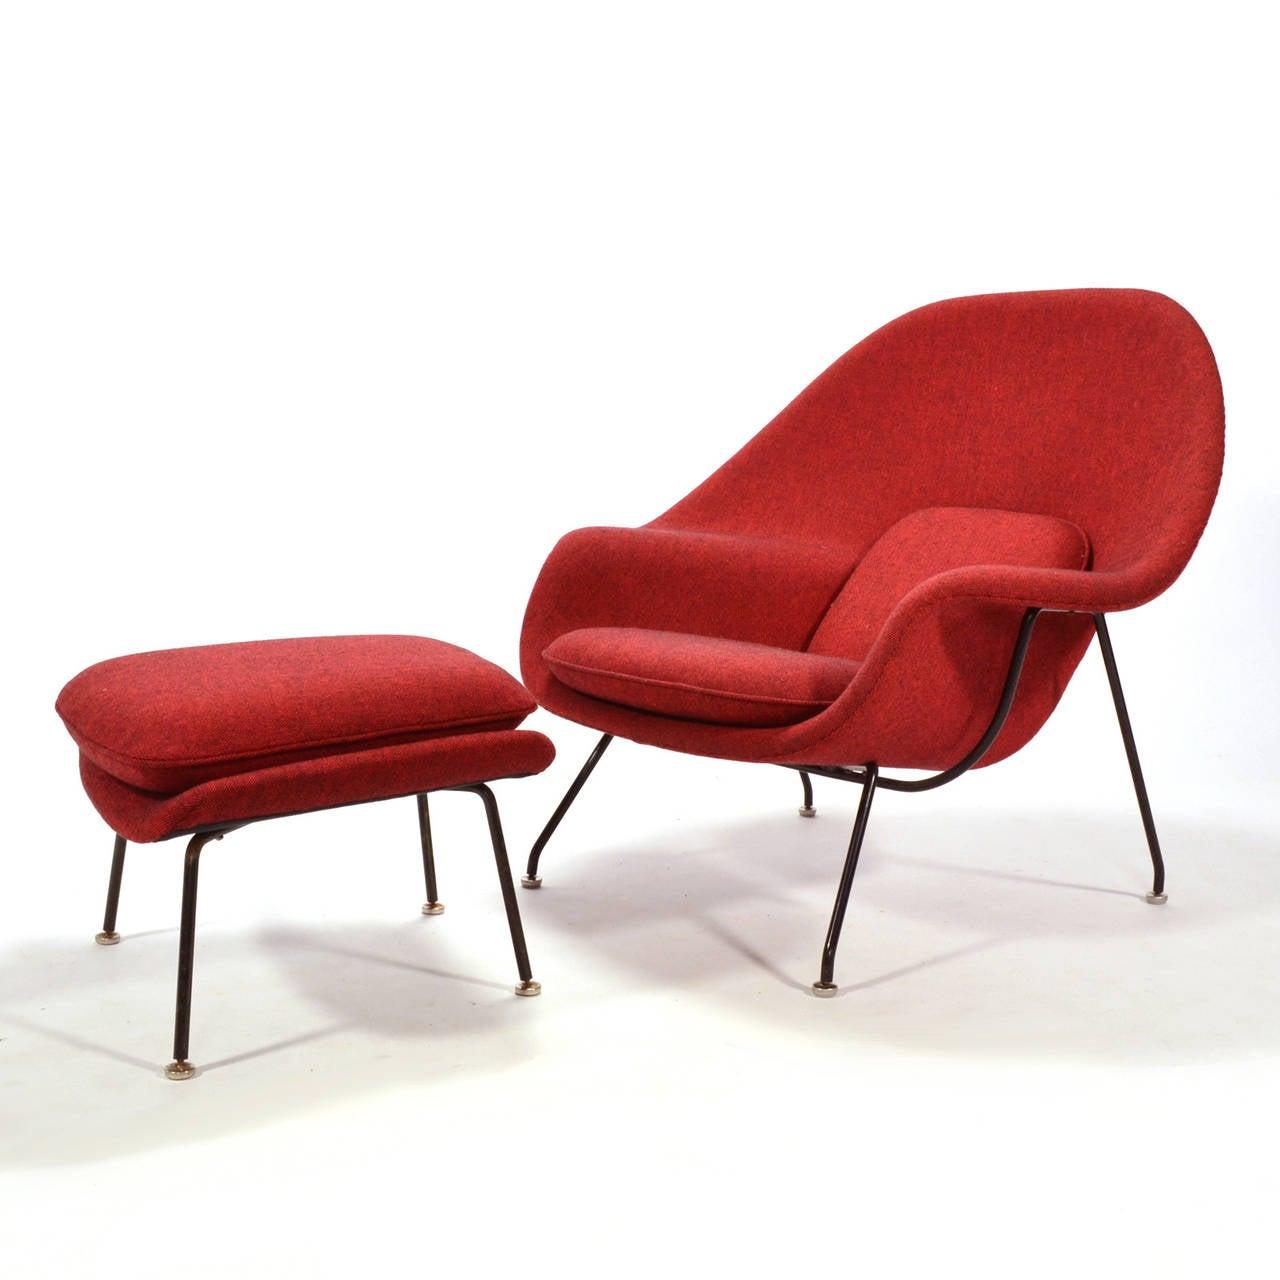 eero saarinen womb chair and ottoman upholstered in alexander girard